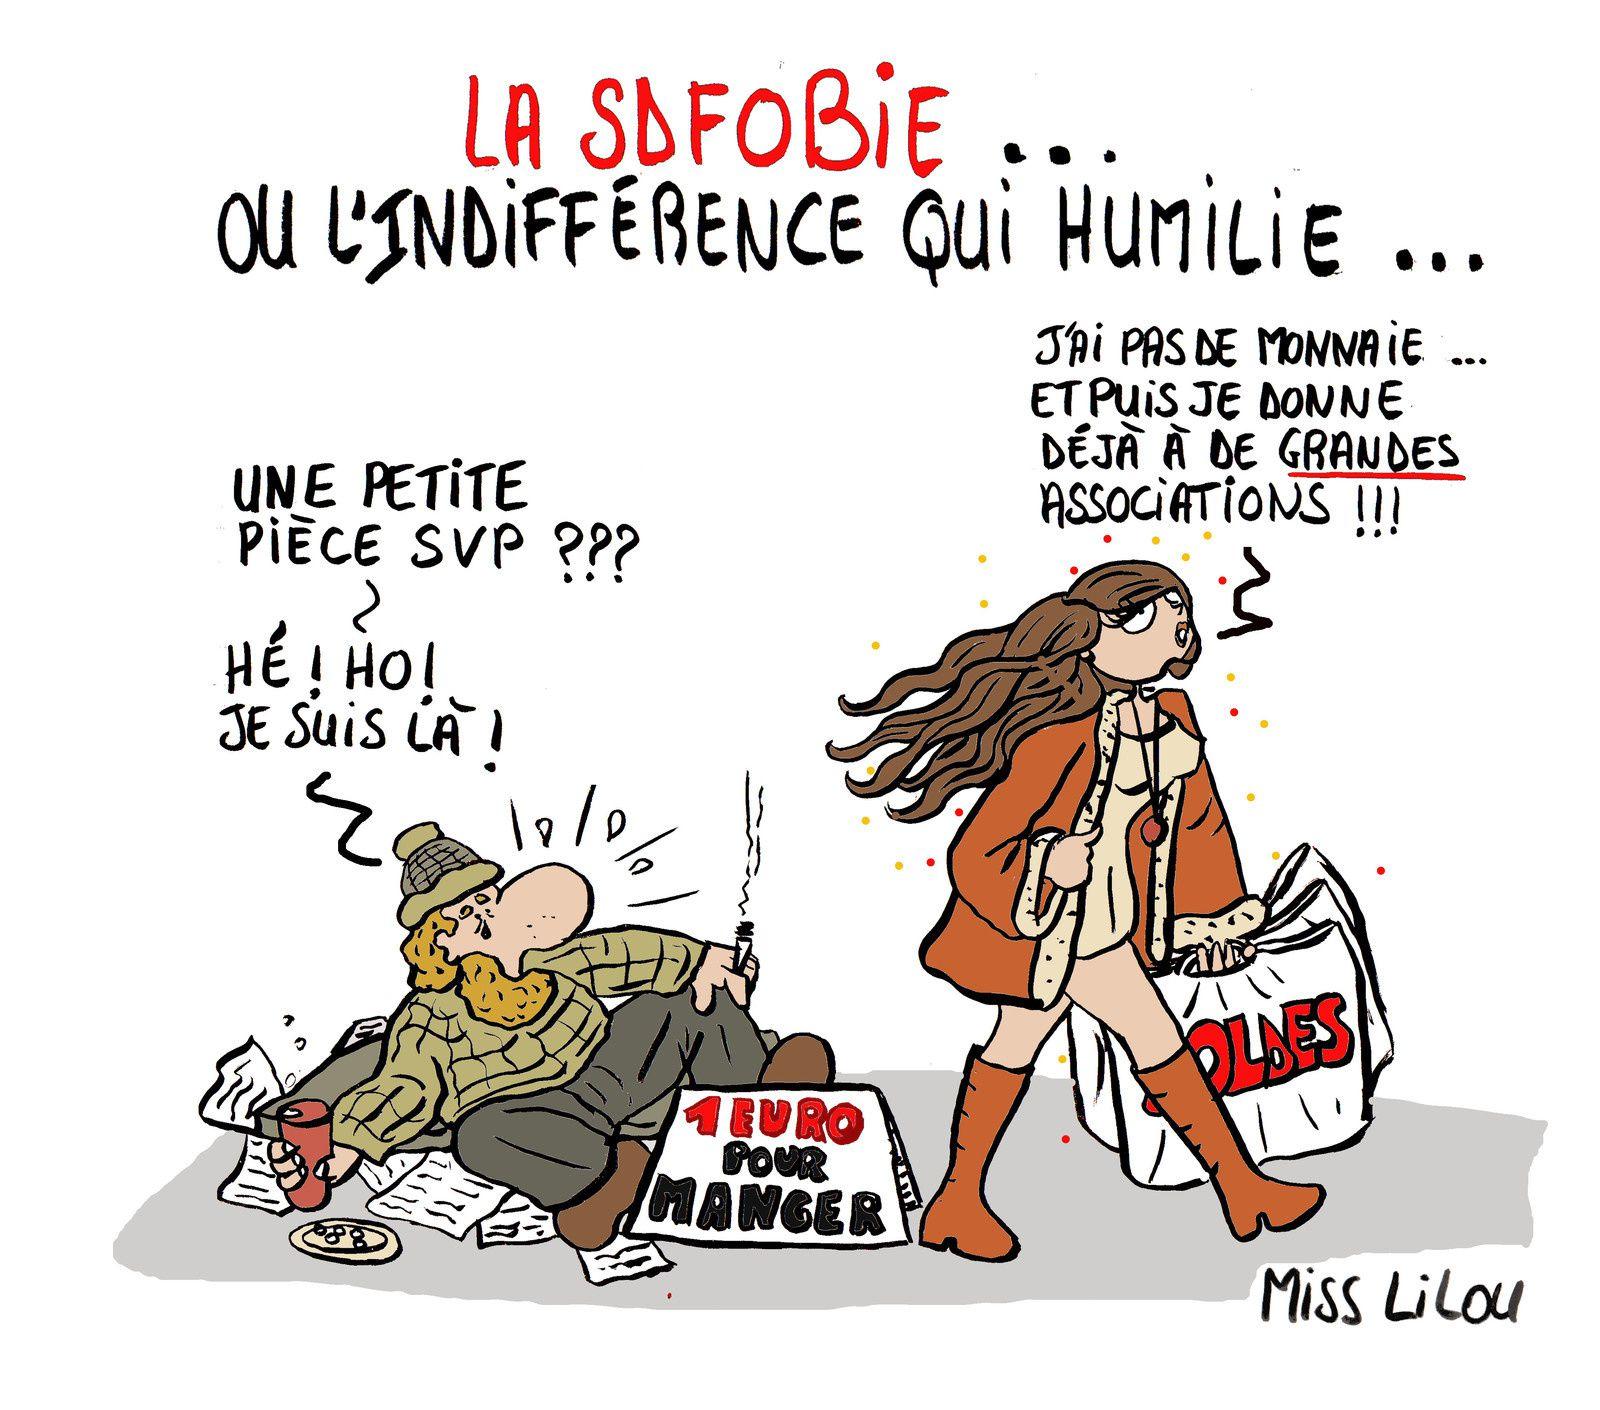 LA S.D.F.OBIE ou l'indifférence qui humilie...